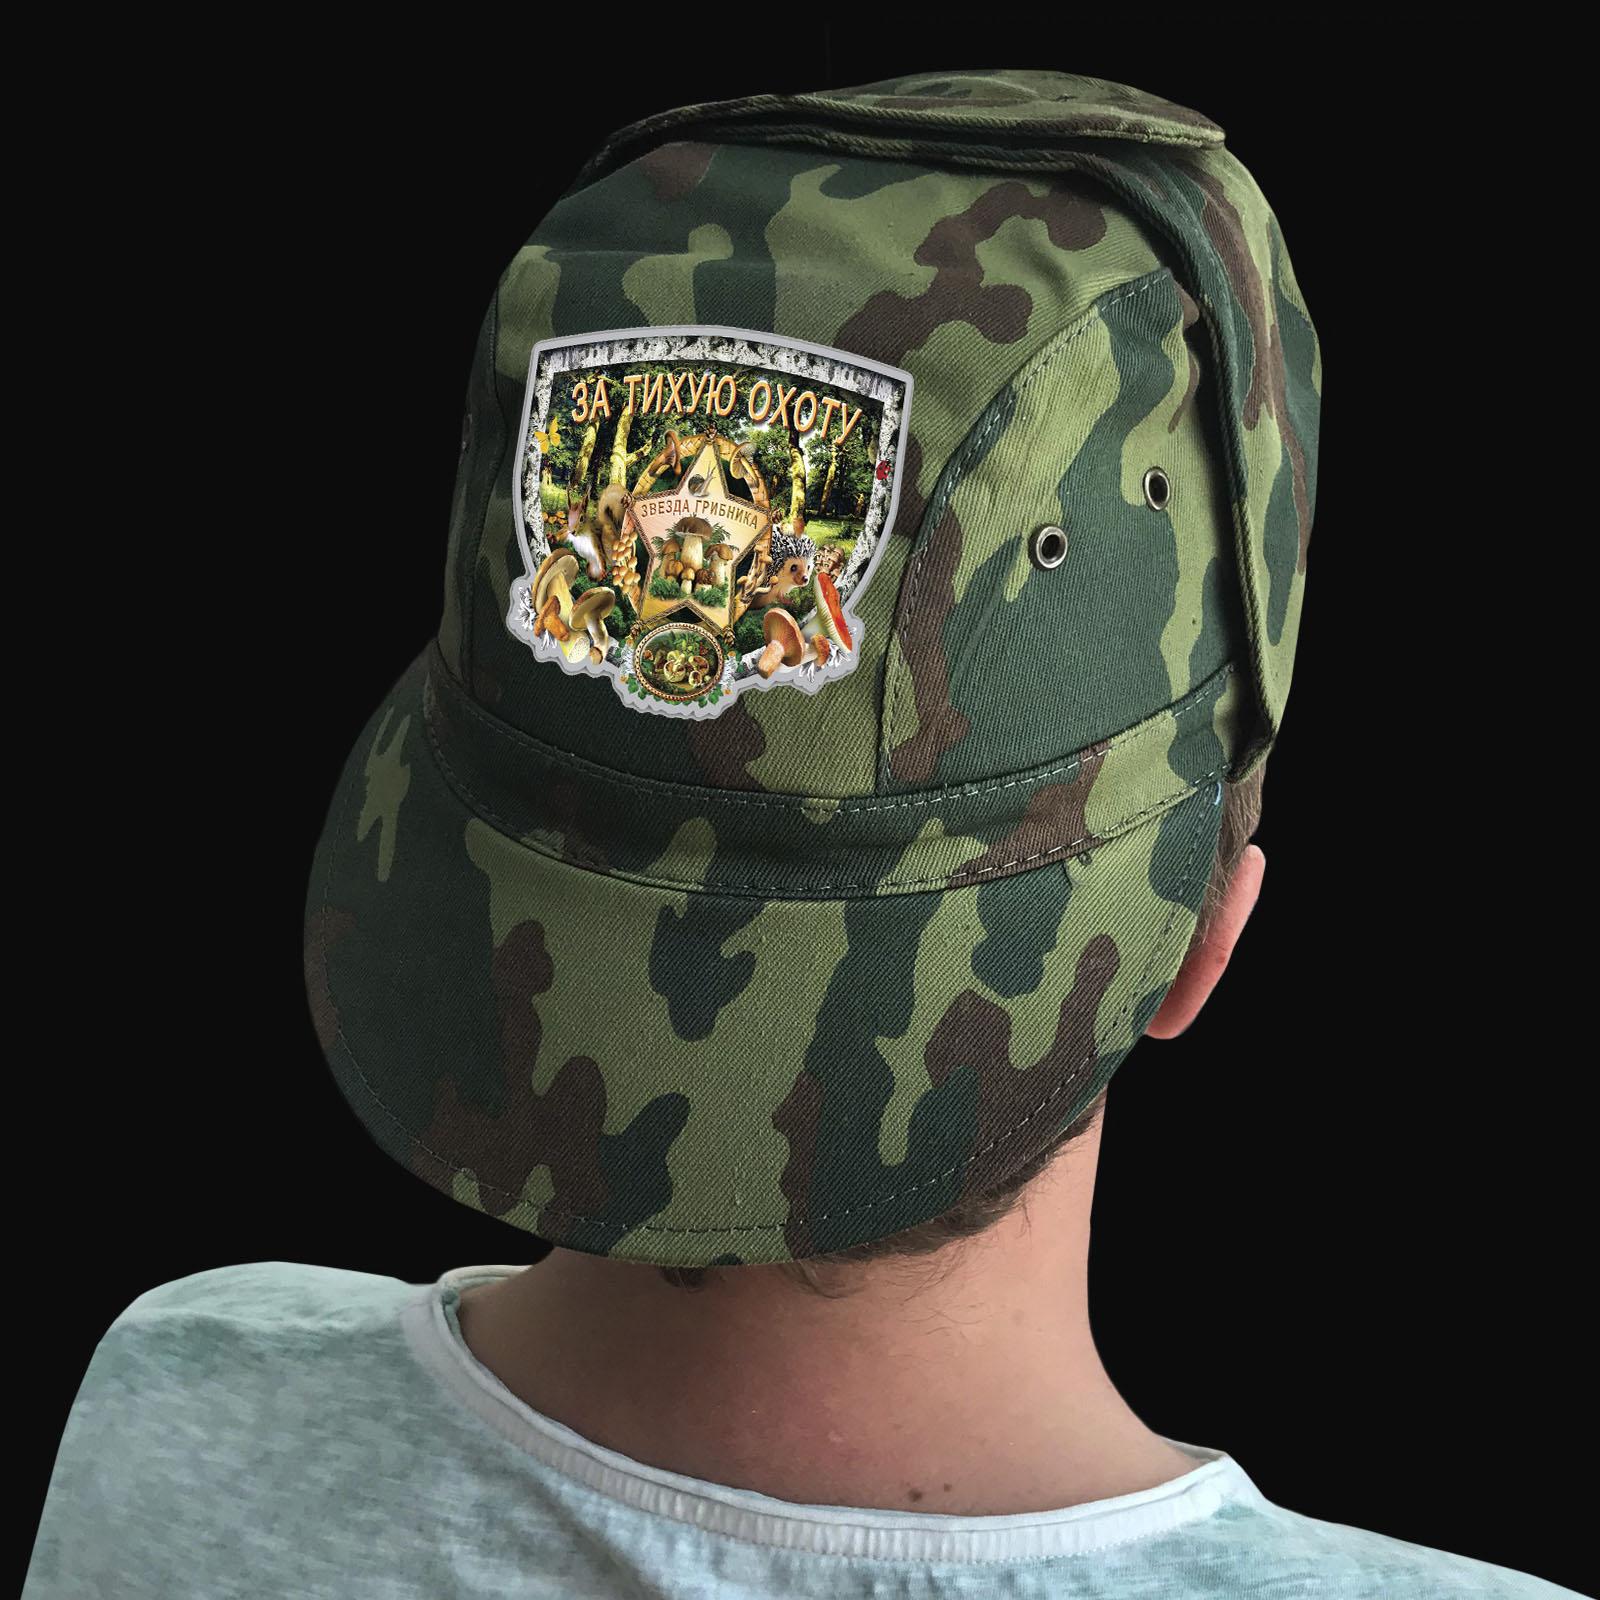 Купить мужскую камуфляжную кепку с термотрансфером грибнику оптом или в розницу